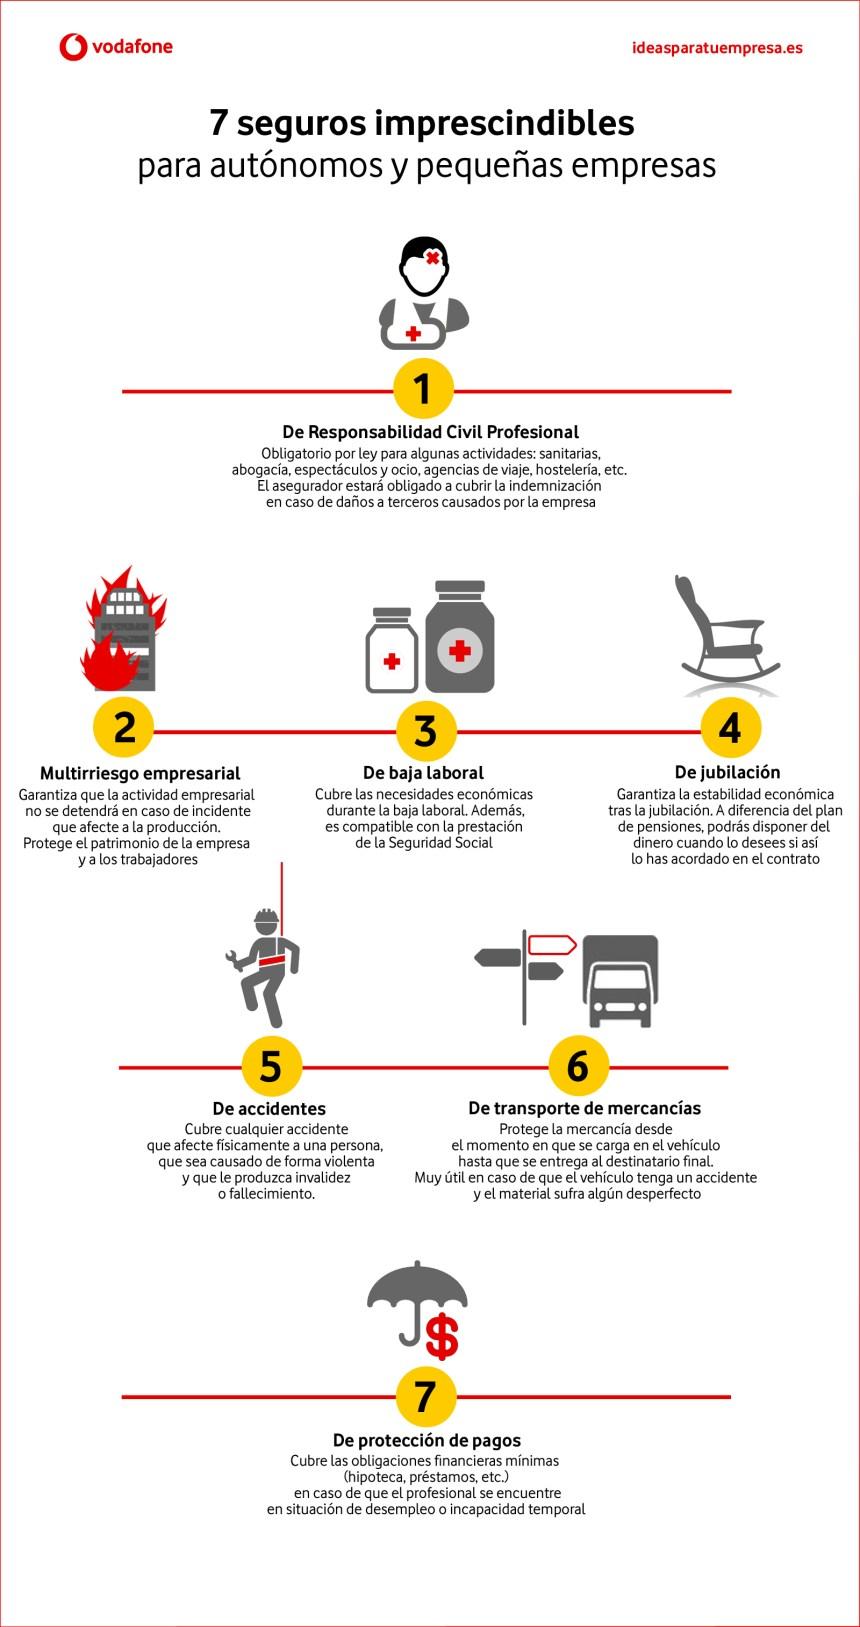 7 seguros imprescindibles para autónomos y pymes